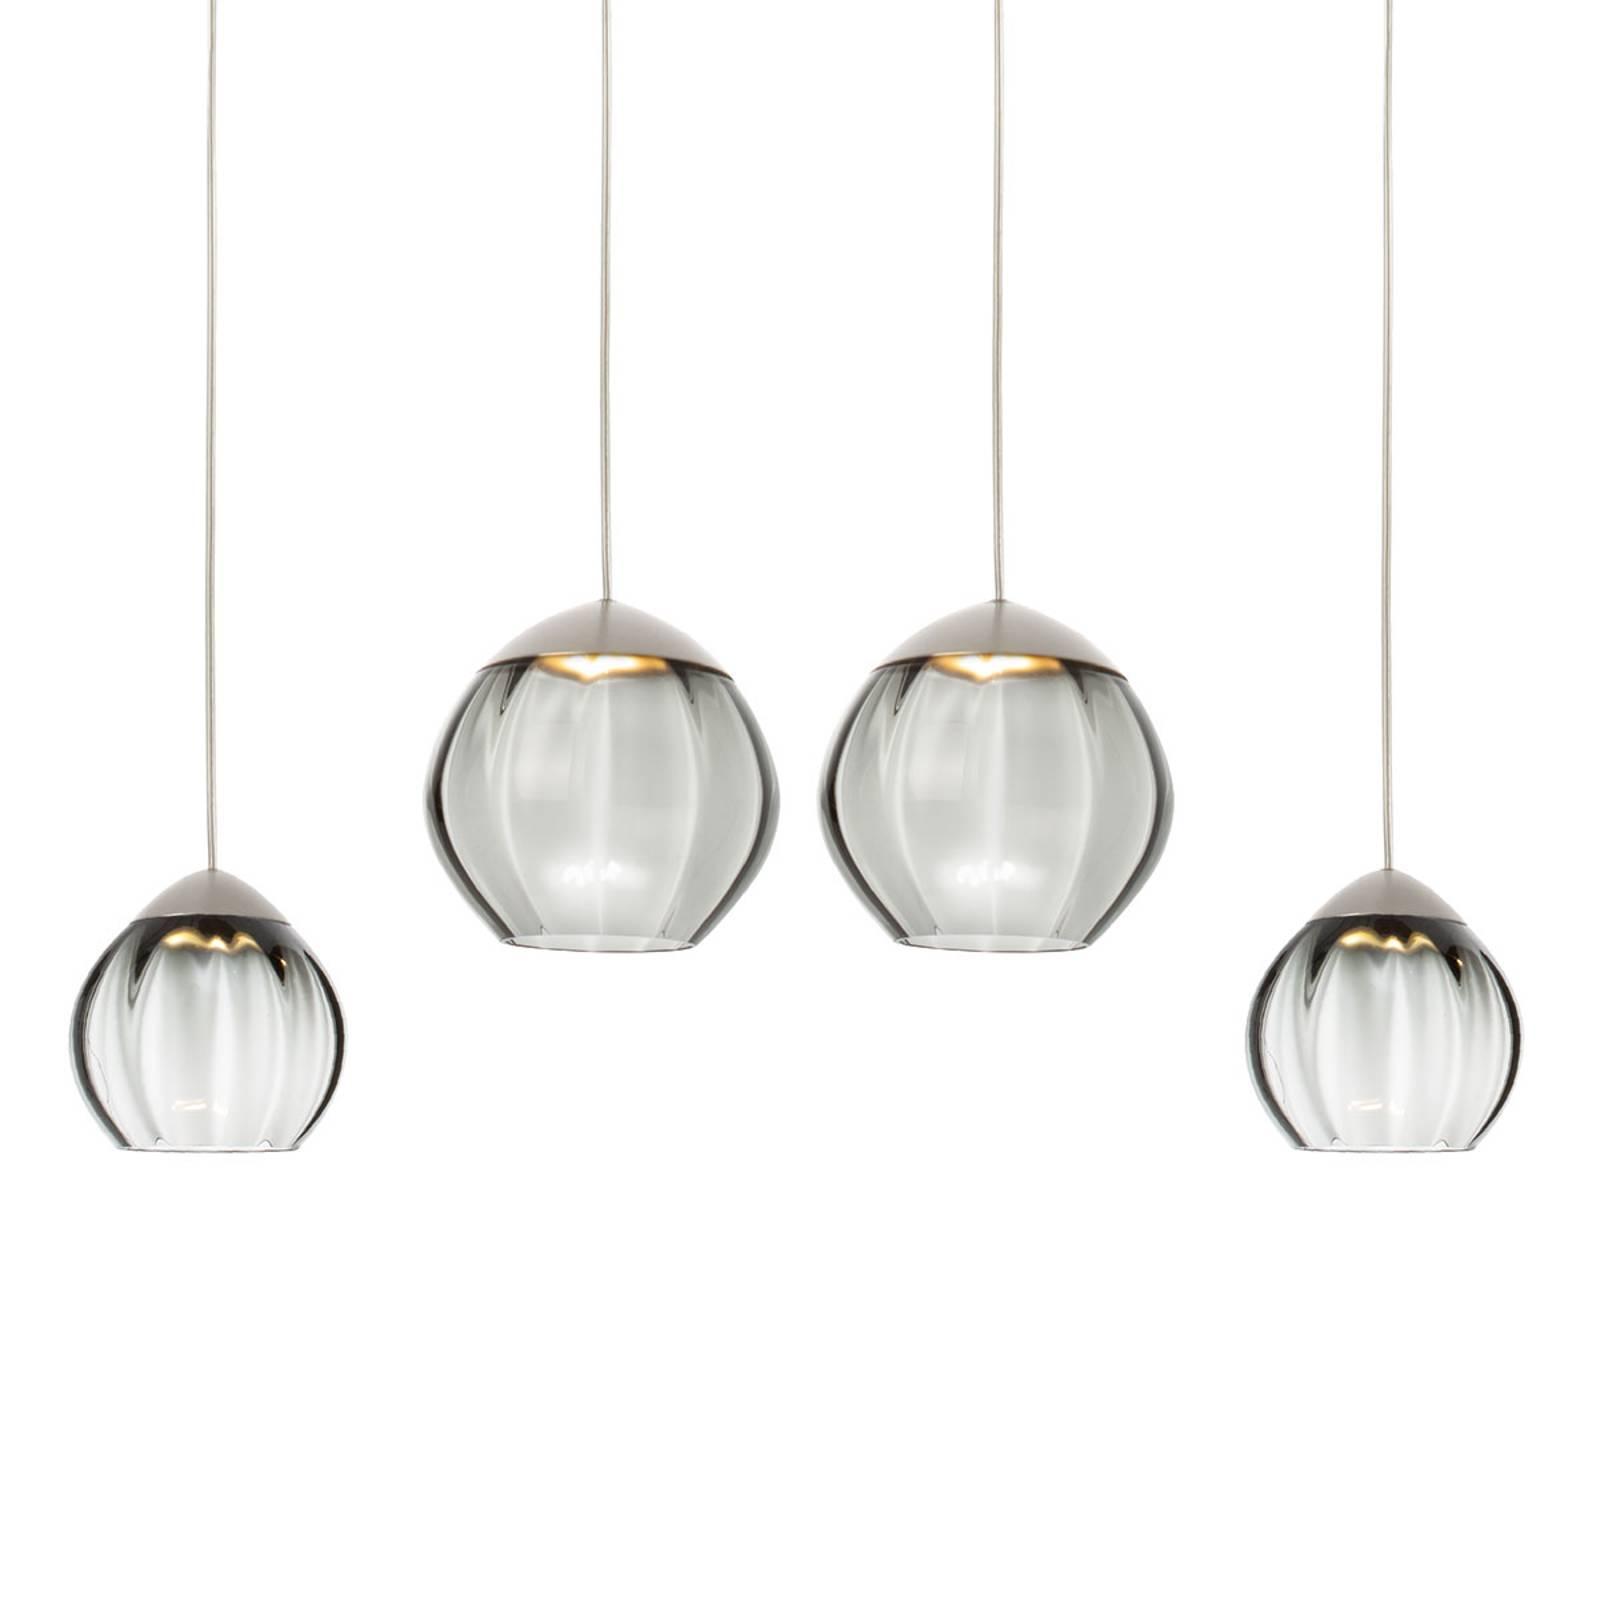 Vierflammige LED-Hängeleuchte Soft, Gläser schwarz